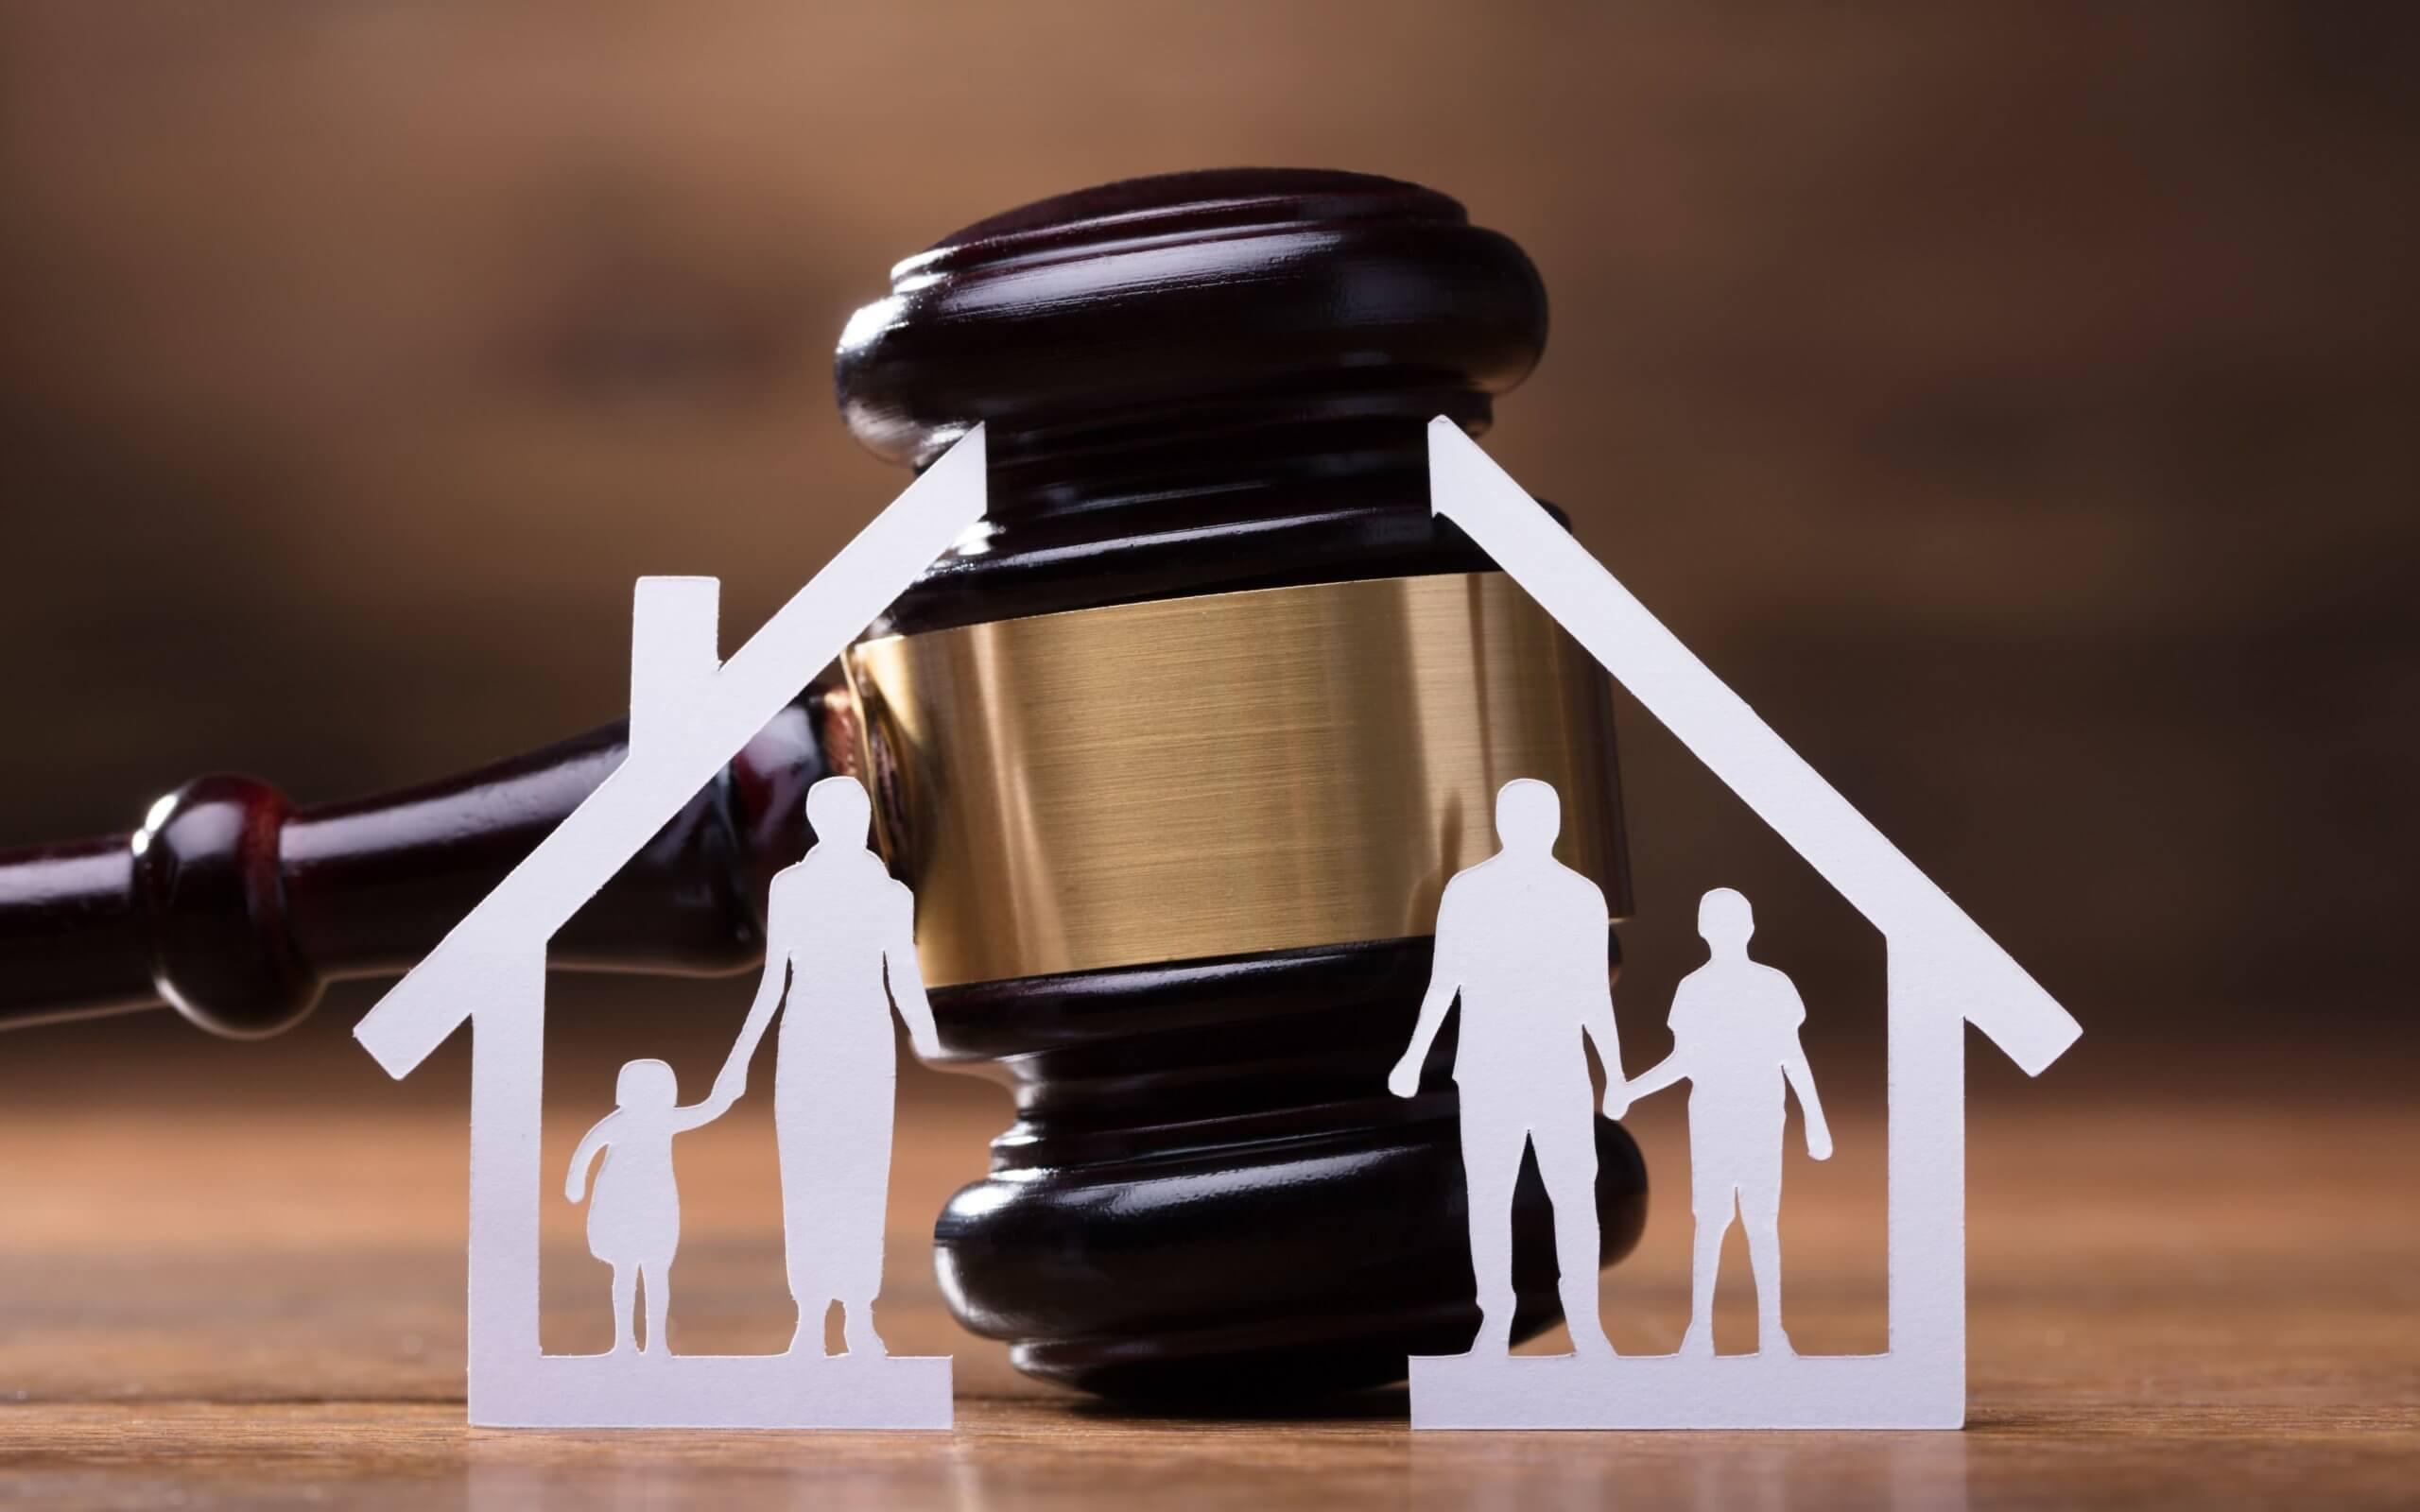 هزینه وکیل برای طلاق با داشتن حق طلاق